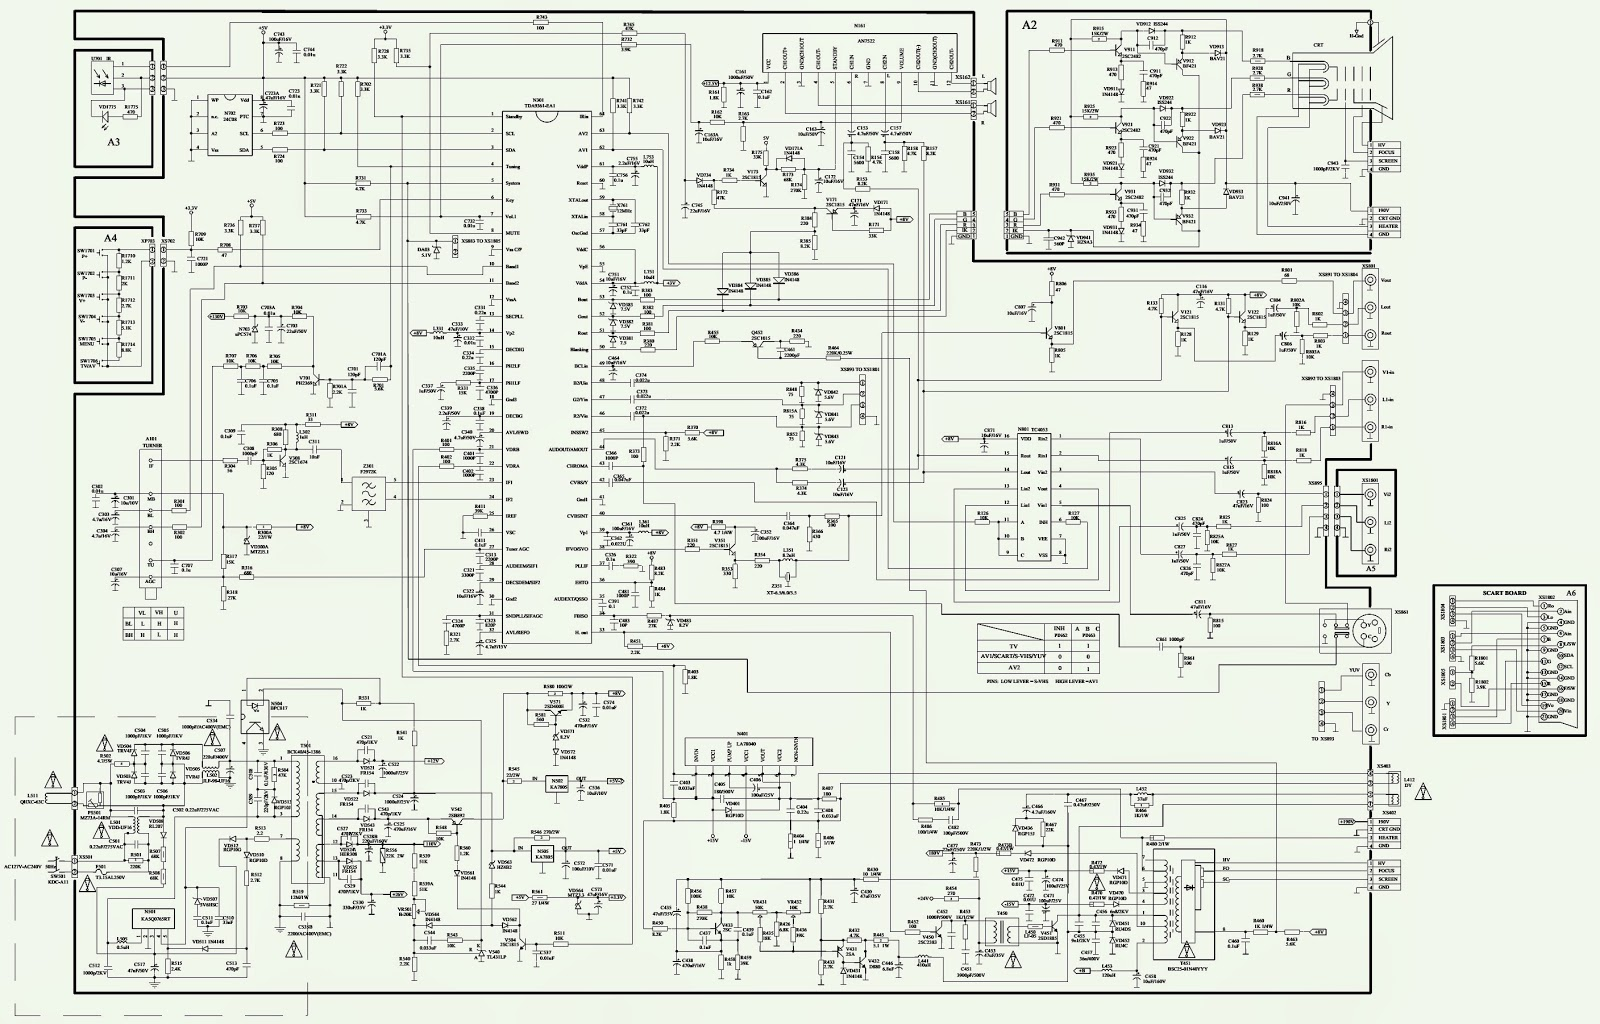 polar 37ctv3265 - nisatto ph03 - schematic  circuit diagram  - philips uoc kit